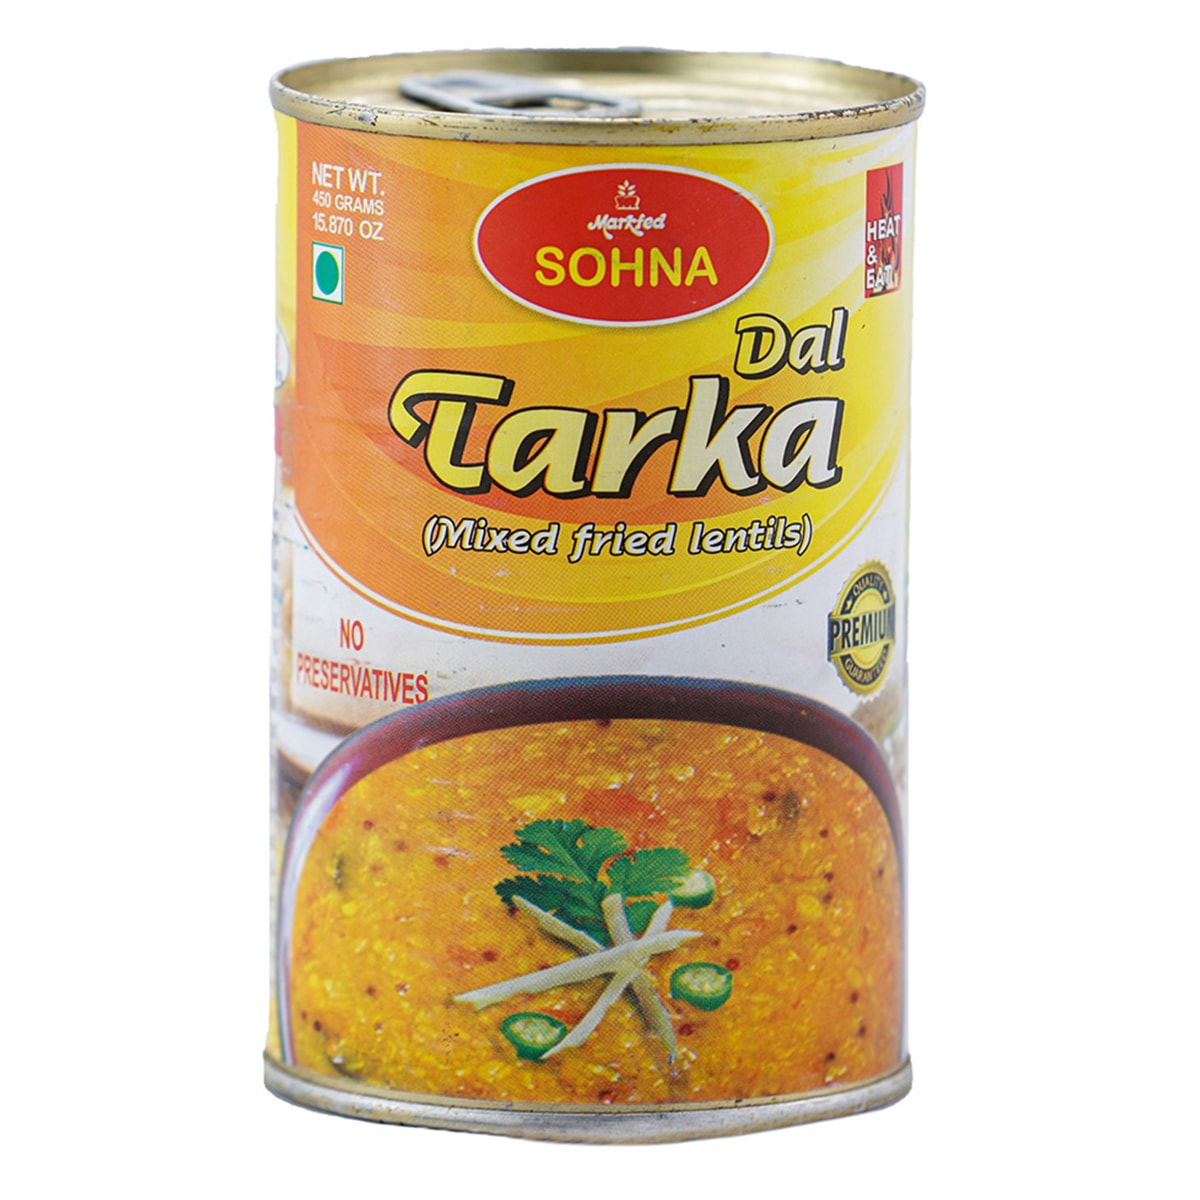 Buy Markfed Sohna Tarka Daal (Mixed Fried Lentils) - 450 gm